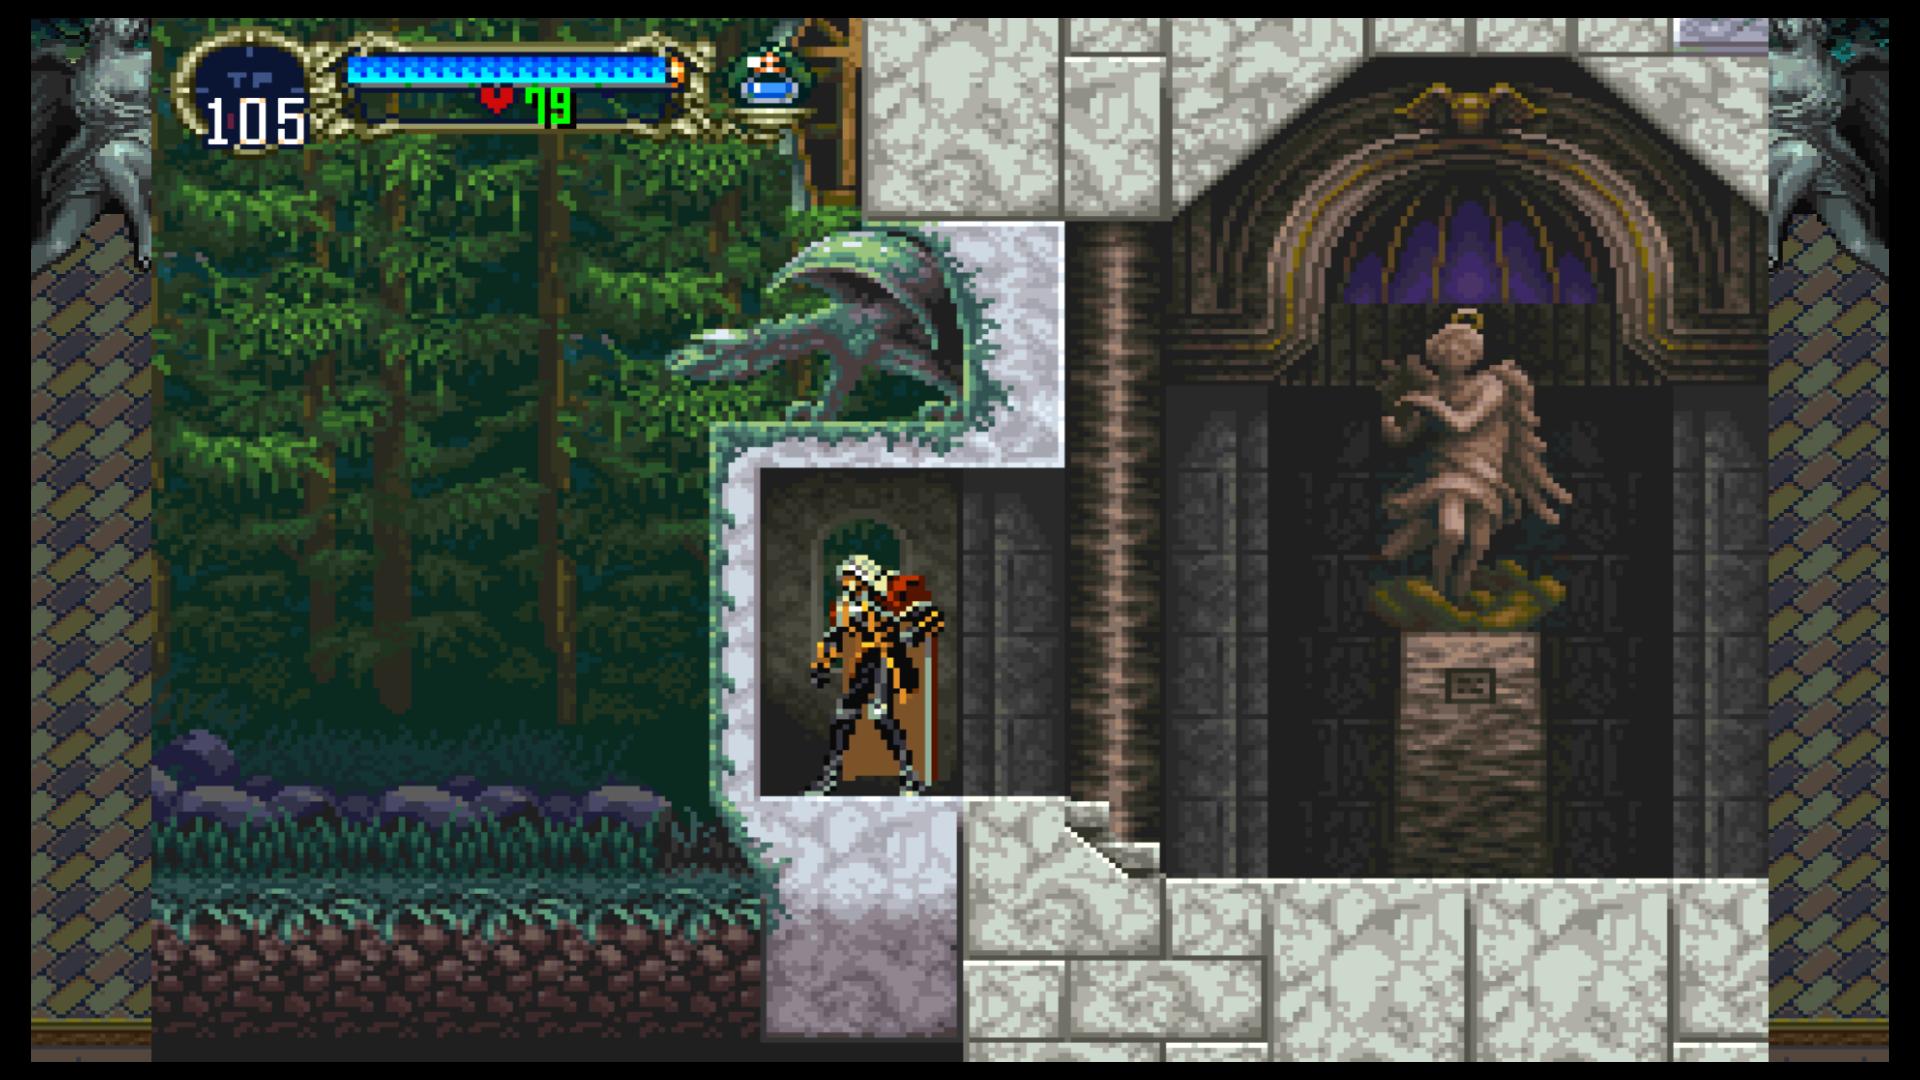 Alucard kann von einem Waldspaziergang nur träumen.